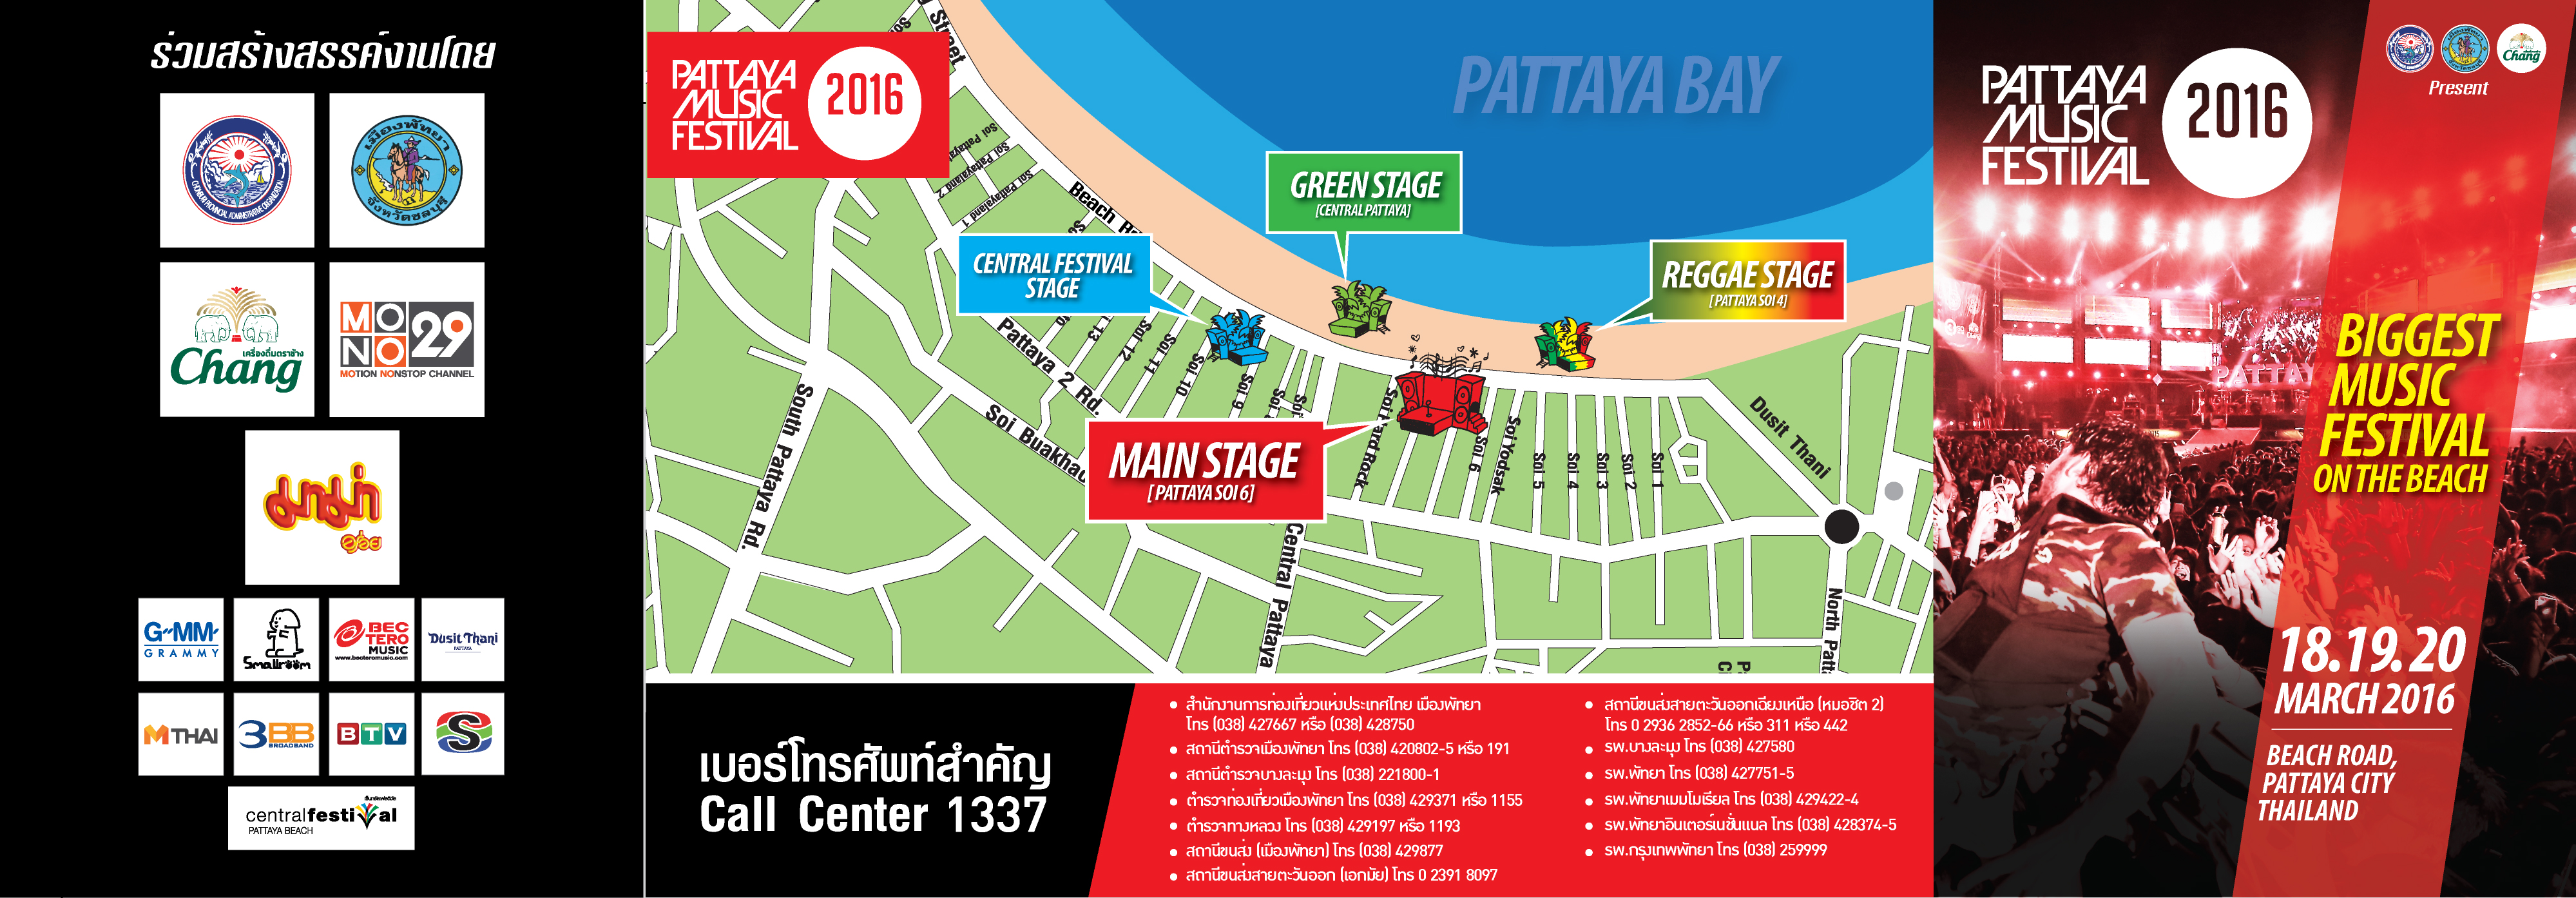 มหกรรมดนตรีเมืองพัทยาใน Pattaya Festival Music International 2016